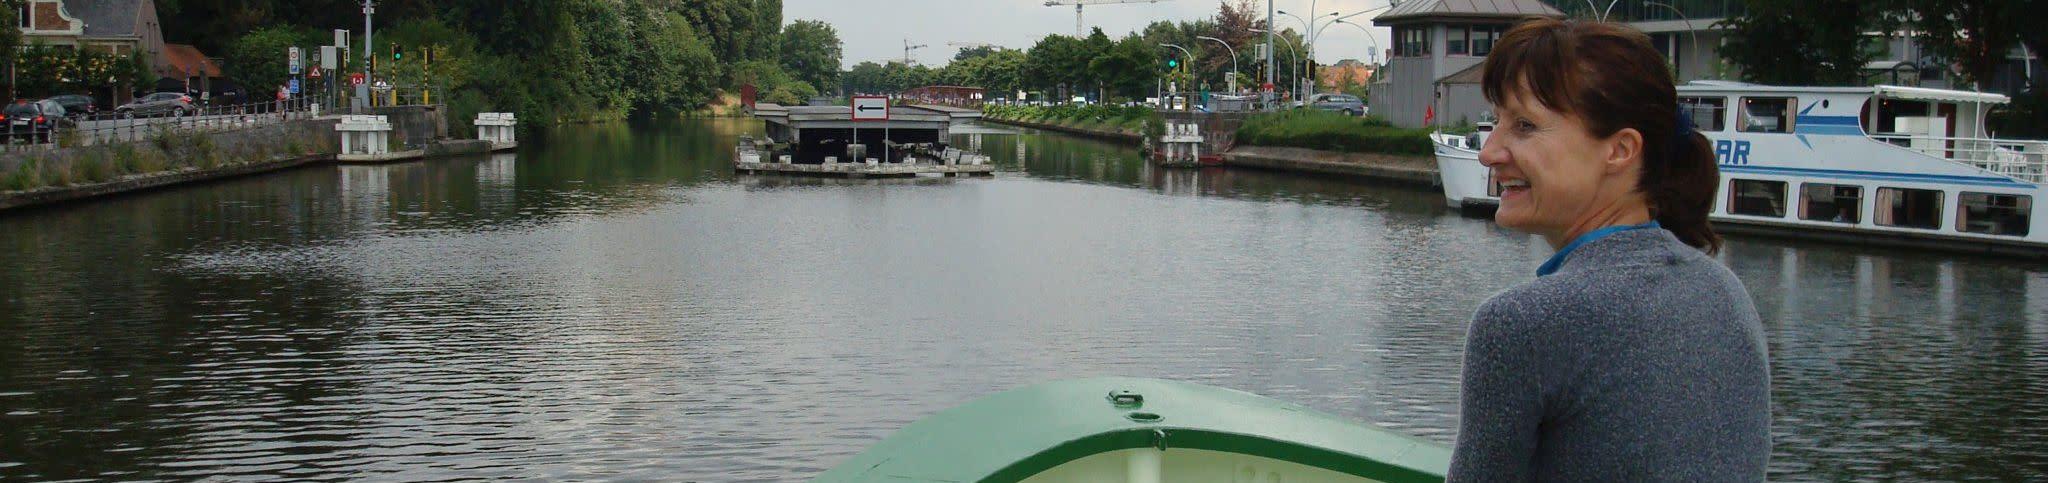 Patsie on barge Johanna Entering Bruges